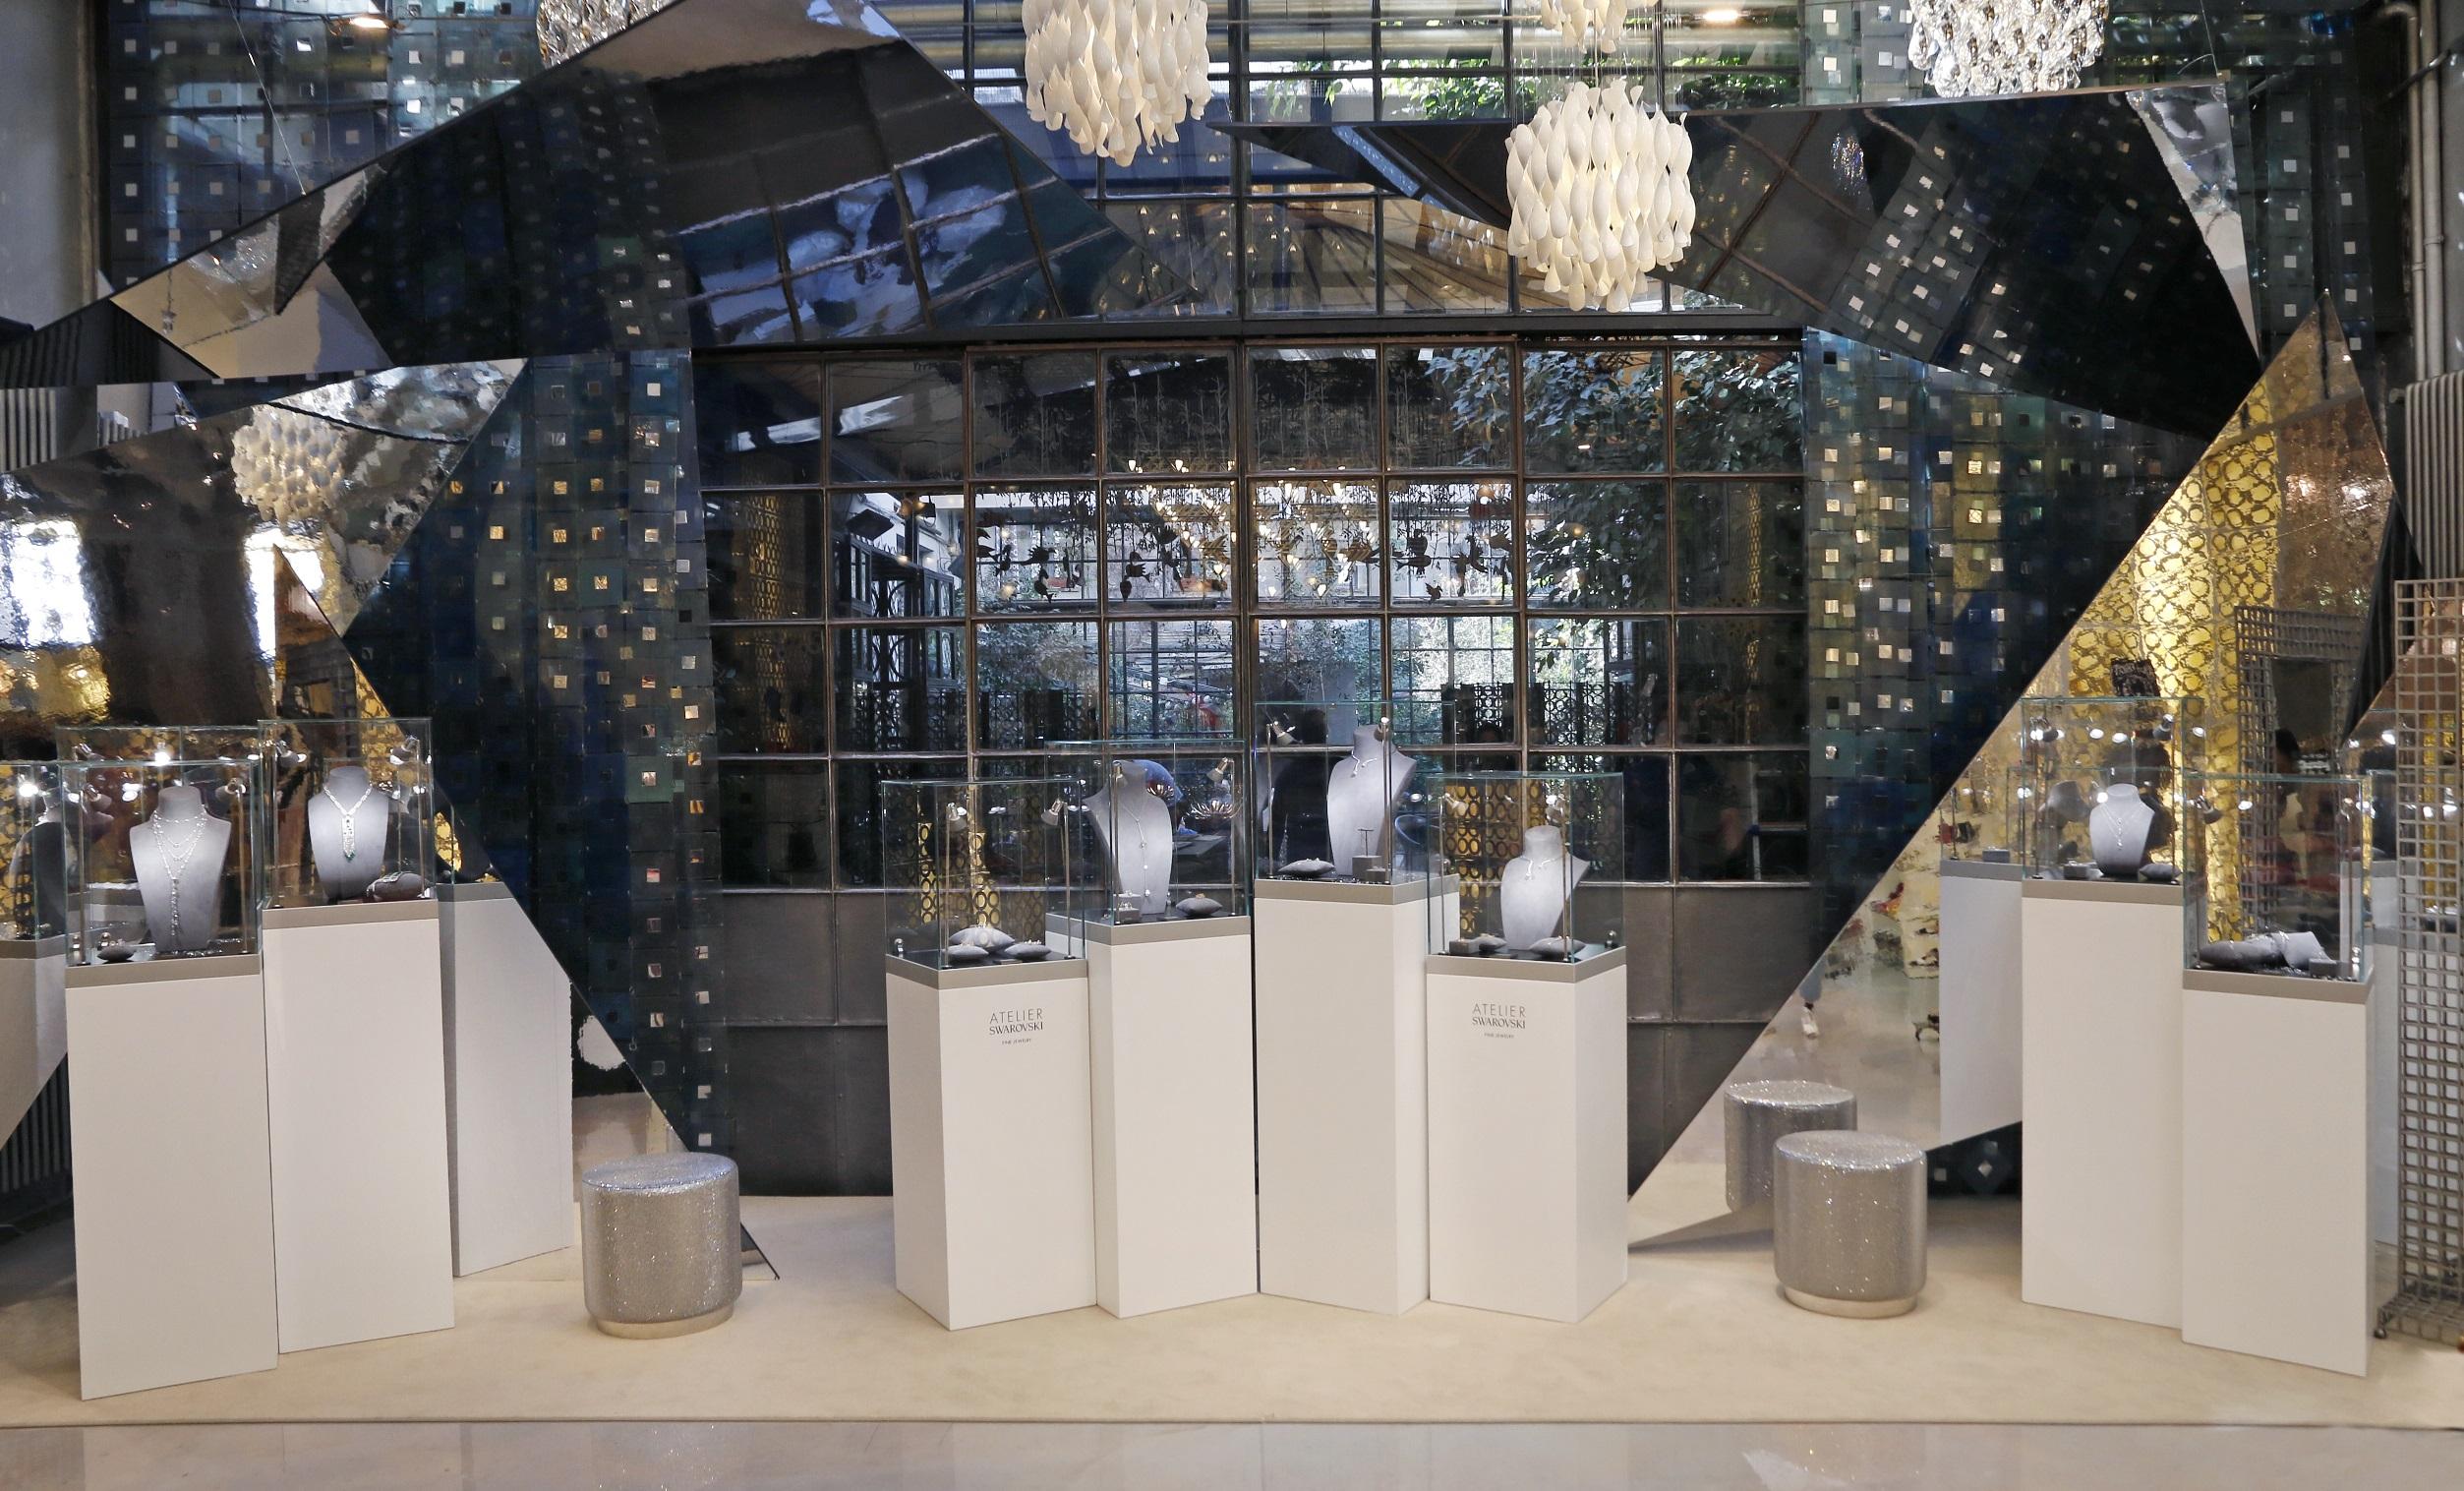 Atelier Swarovski's corner at 10 Corso Como